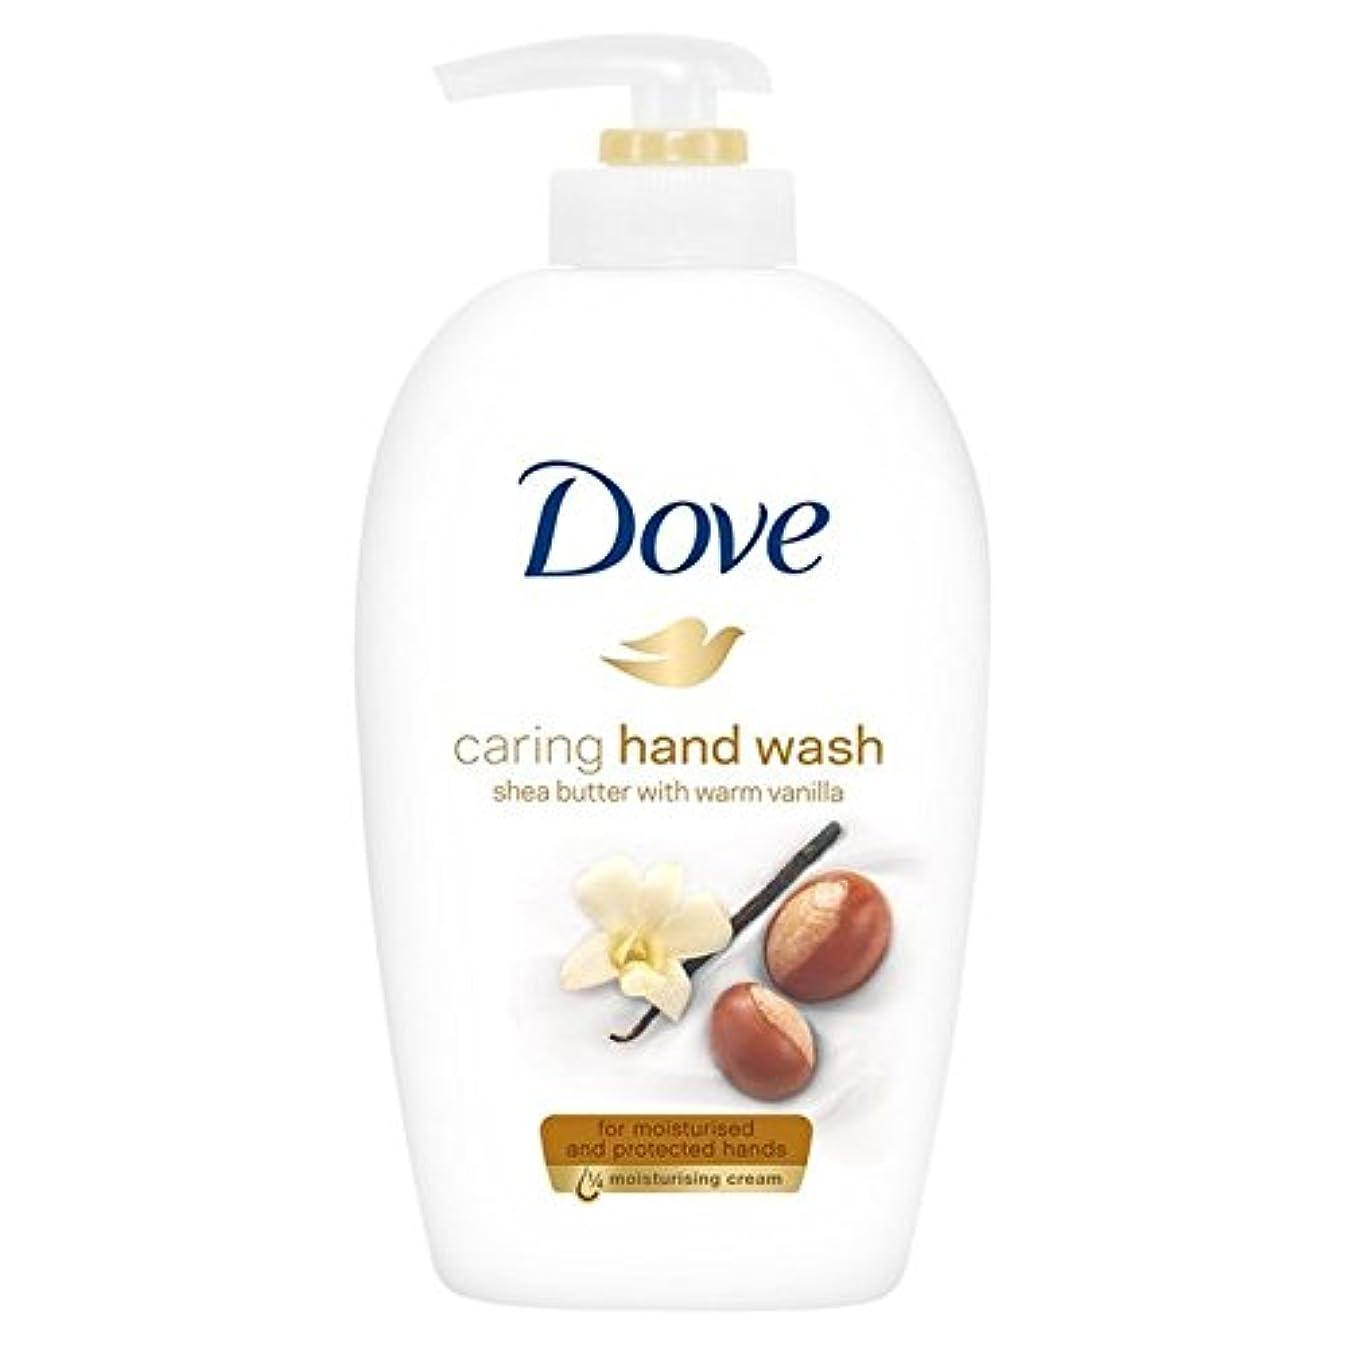 武器介入する活気づく鳩純粋な贅沢シアバターの美容クリームウォッシュ250ミリリットル x2 - Dove Purely Pampering Shea Butter Beauty Cream Wash 250ml (Pack of 2) [並行輸入品]